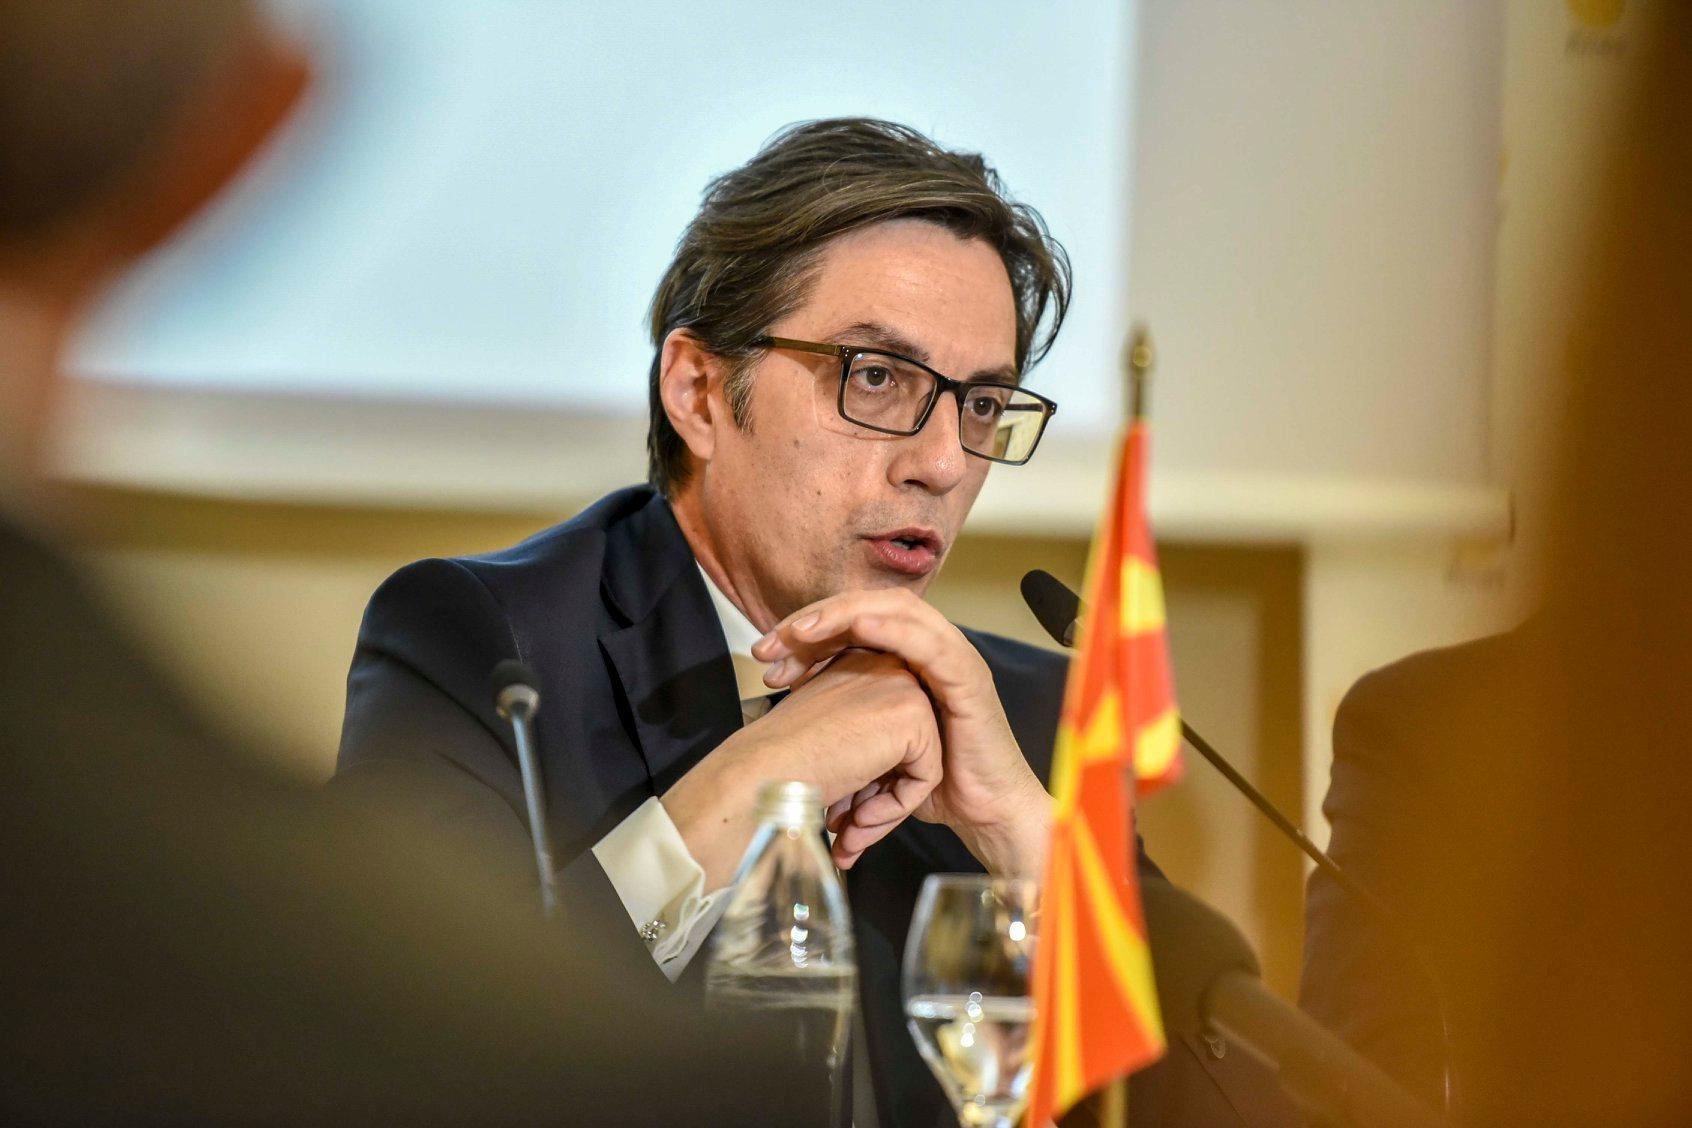 Βόρεια Μακεδονία: Ξεκινούν οι διαβουλεύσεις για σχηματισμό κυβέρνησης